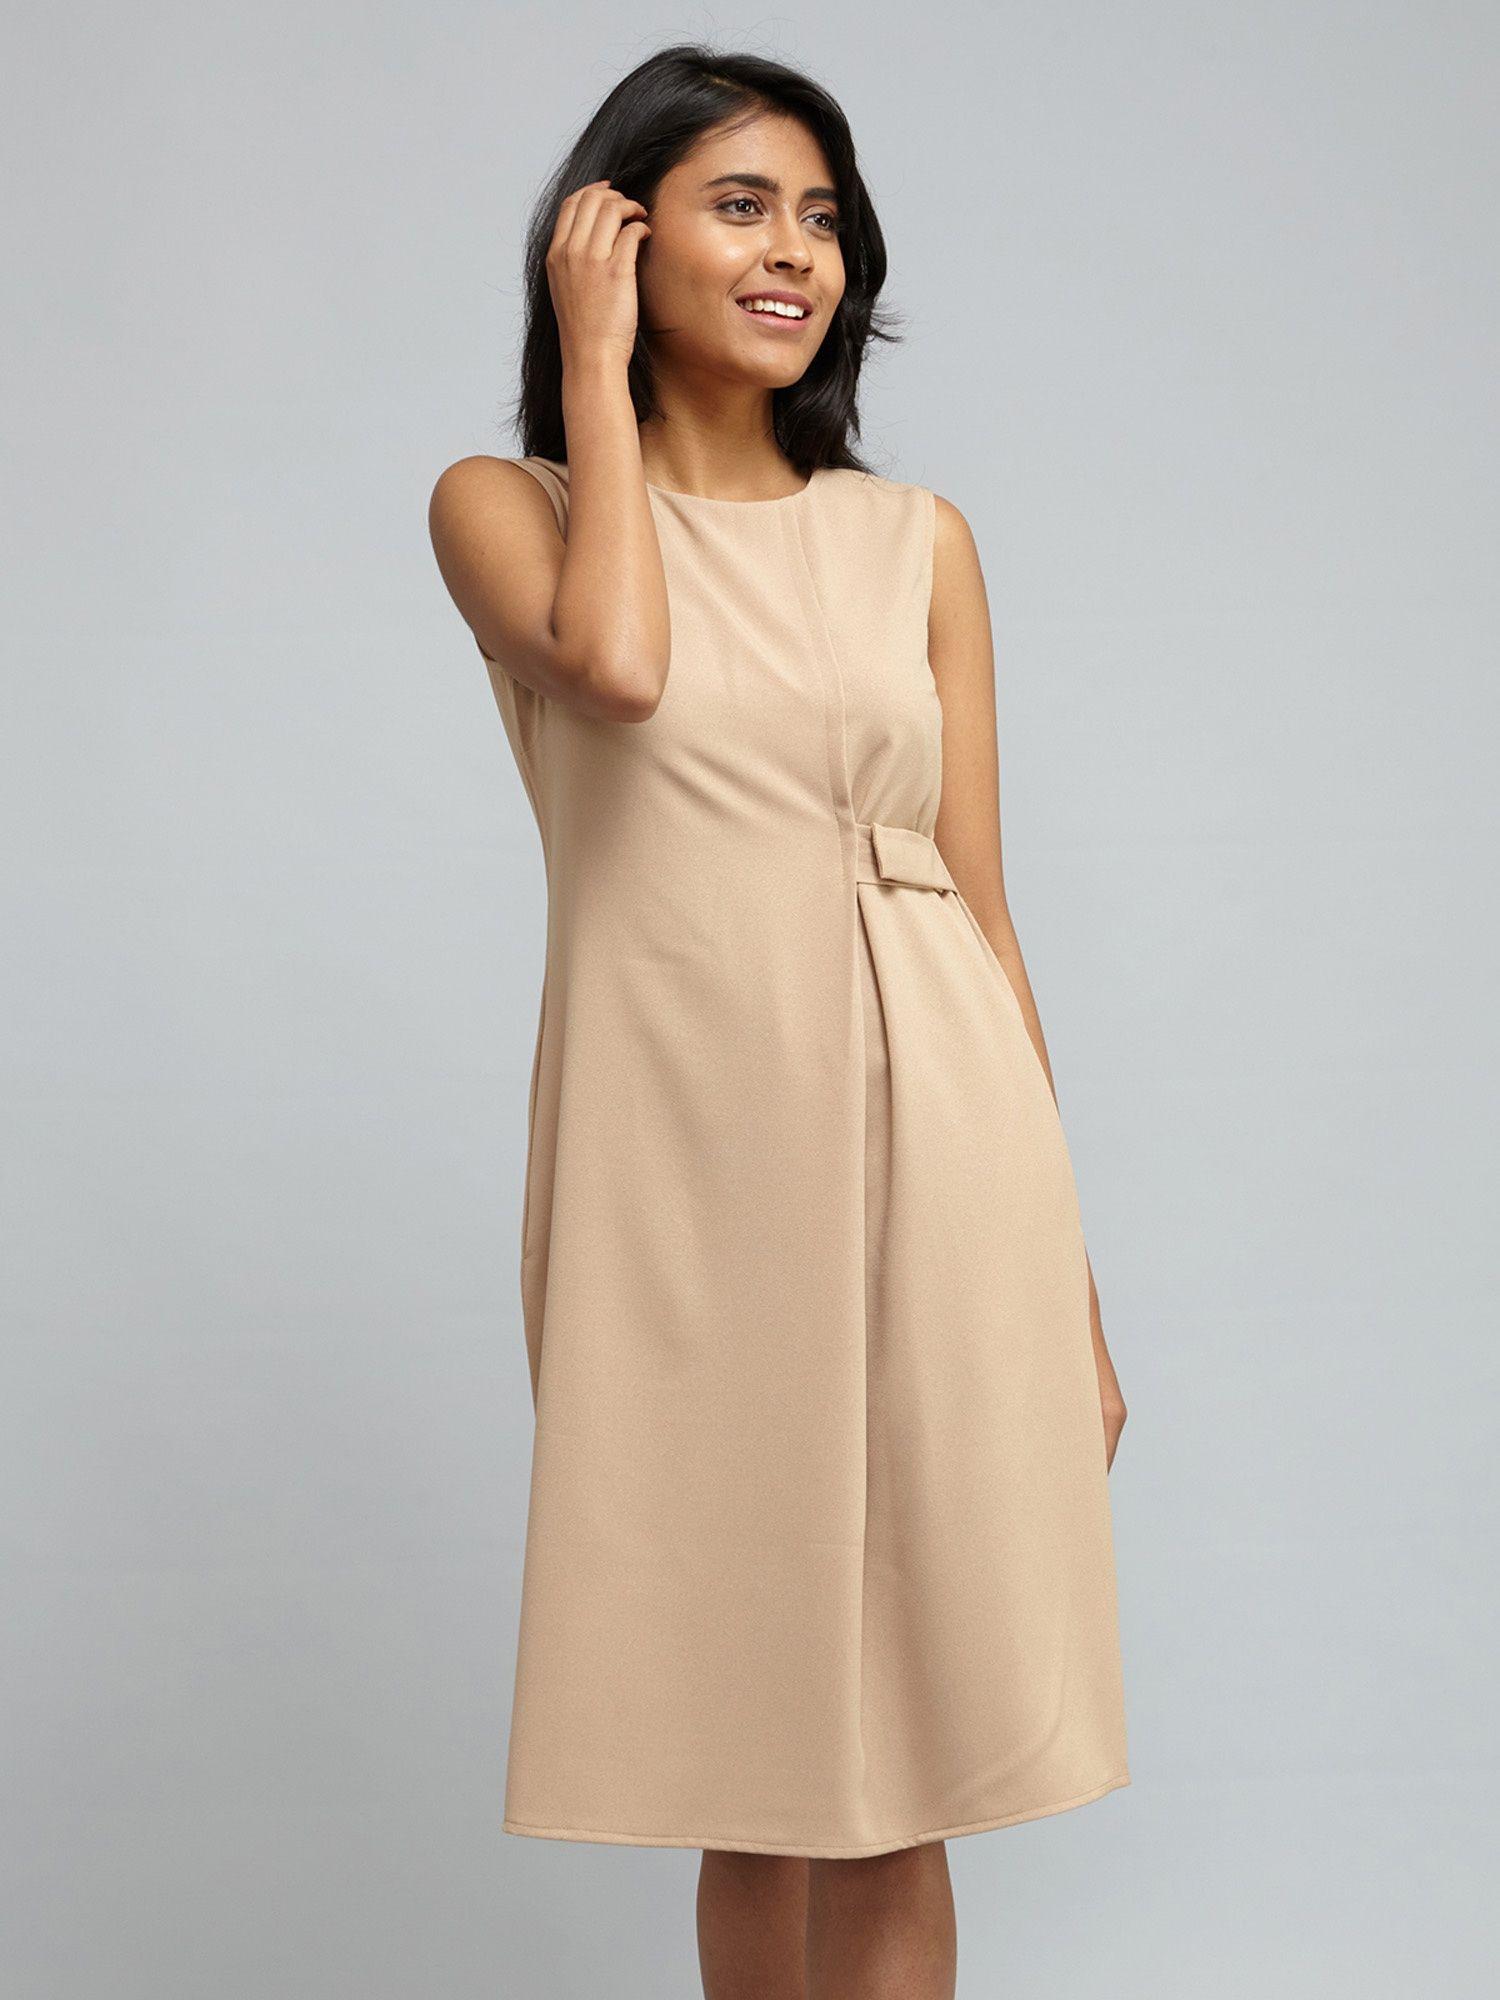 e35f57de6c FableStreet Dresses   Buy FableStreet Side Belt Front Pleat Dress - Beige  Online